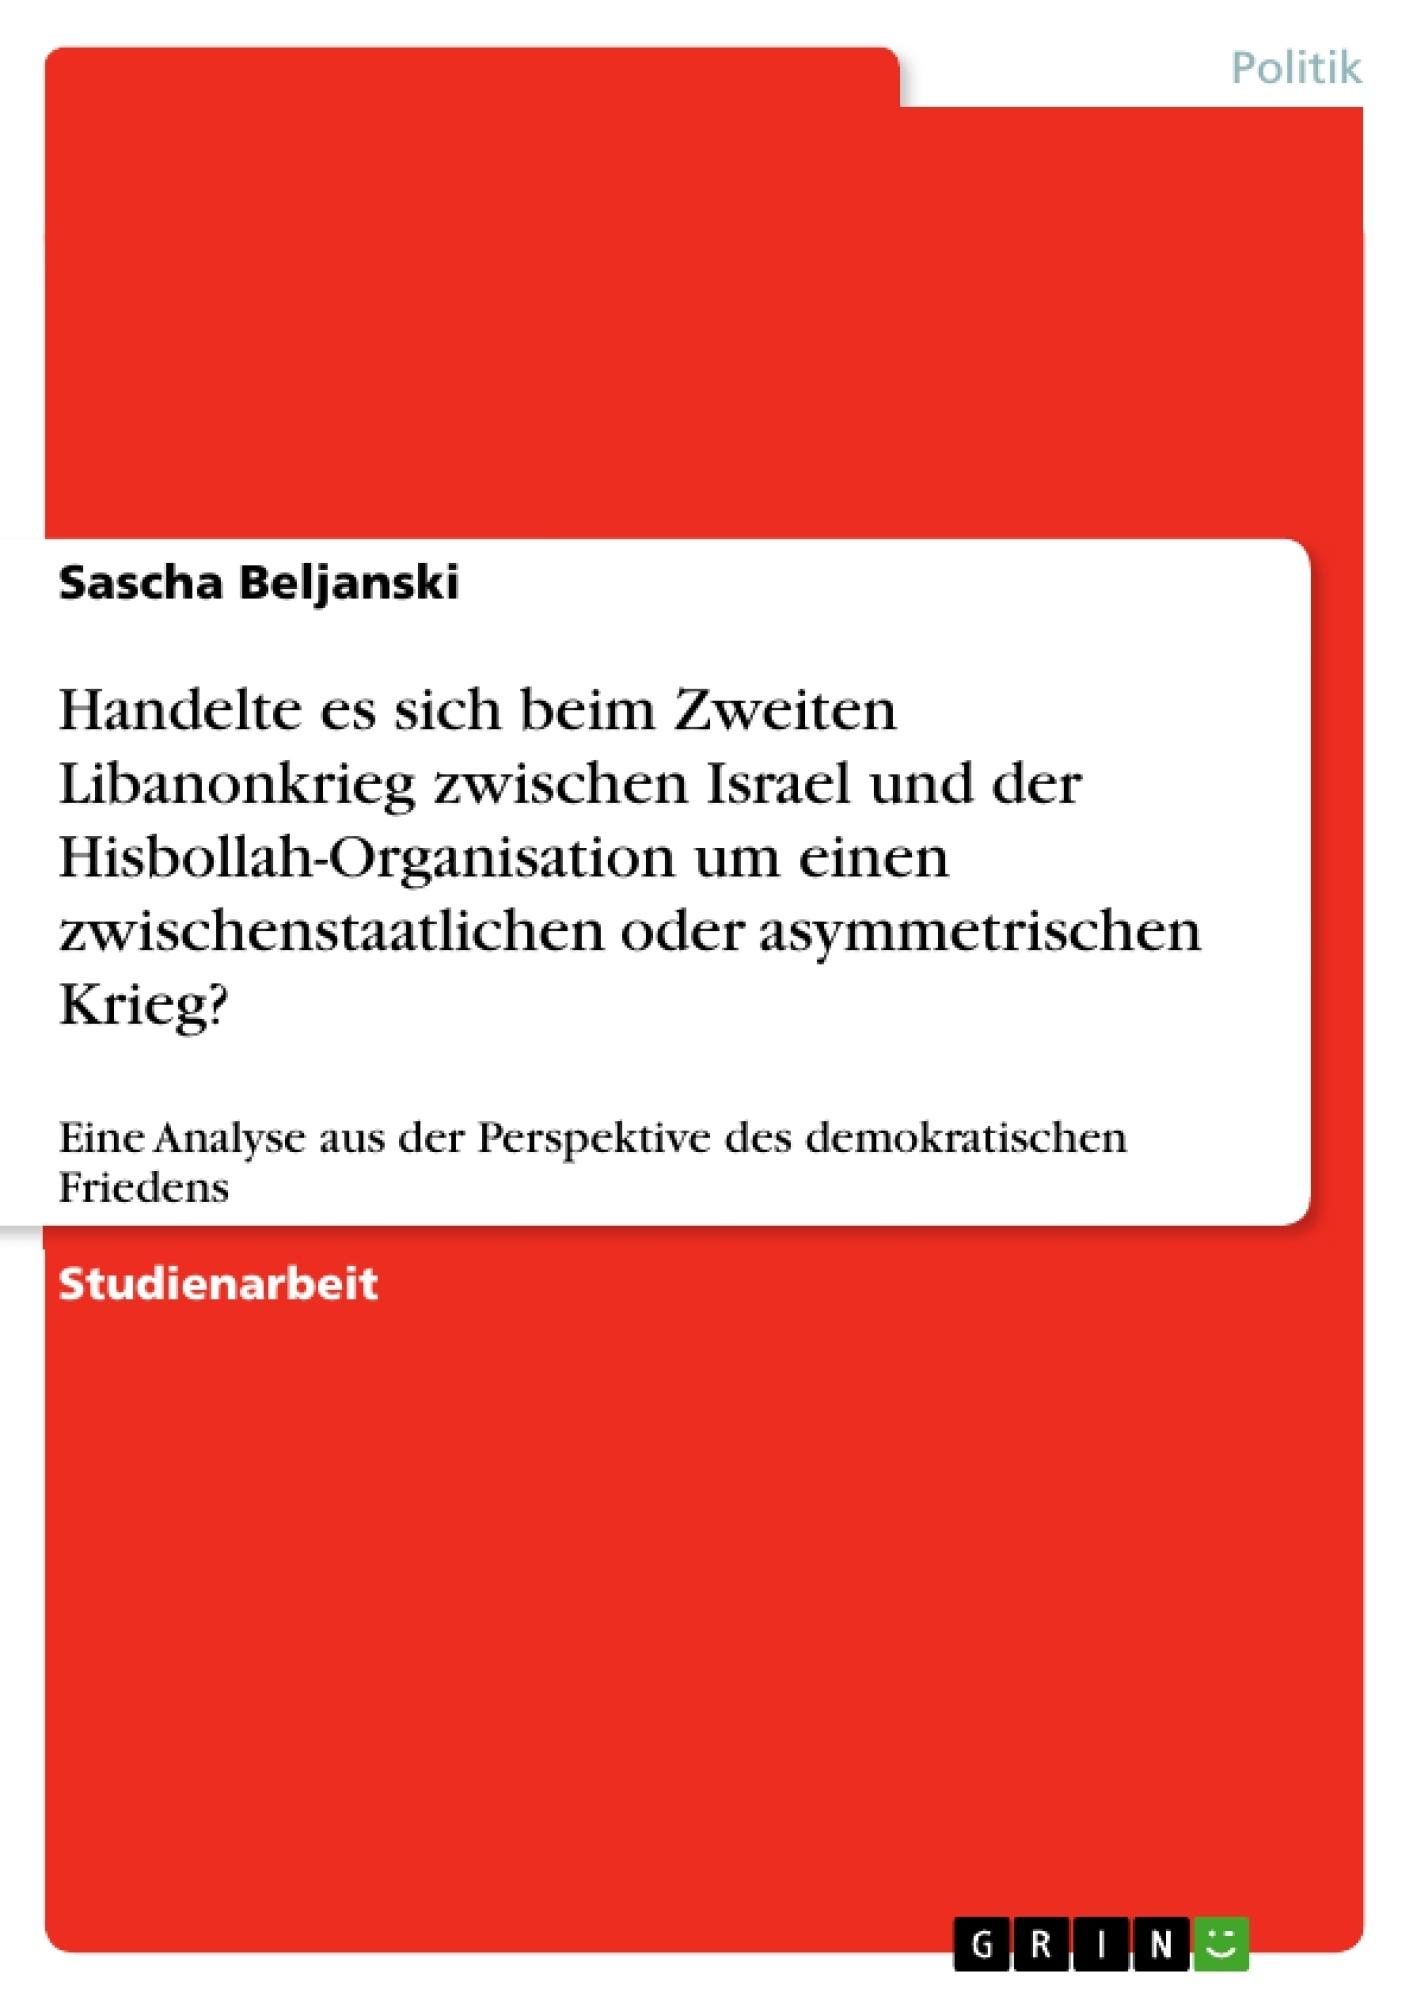 Titel: Handelte es sich beim Zweiten Libanonkrieg zwischen Israel und der Hisbollah-Organisation um einen zwischenstaatlichen oder asymmetrischen Krieg?